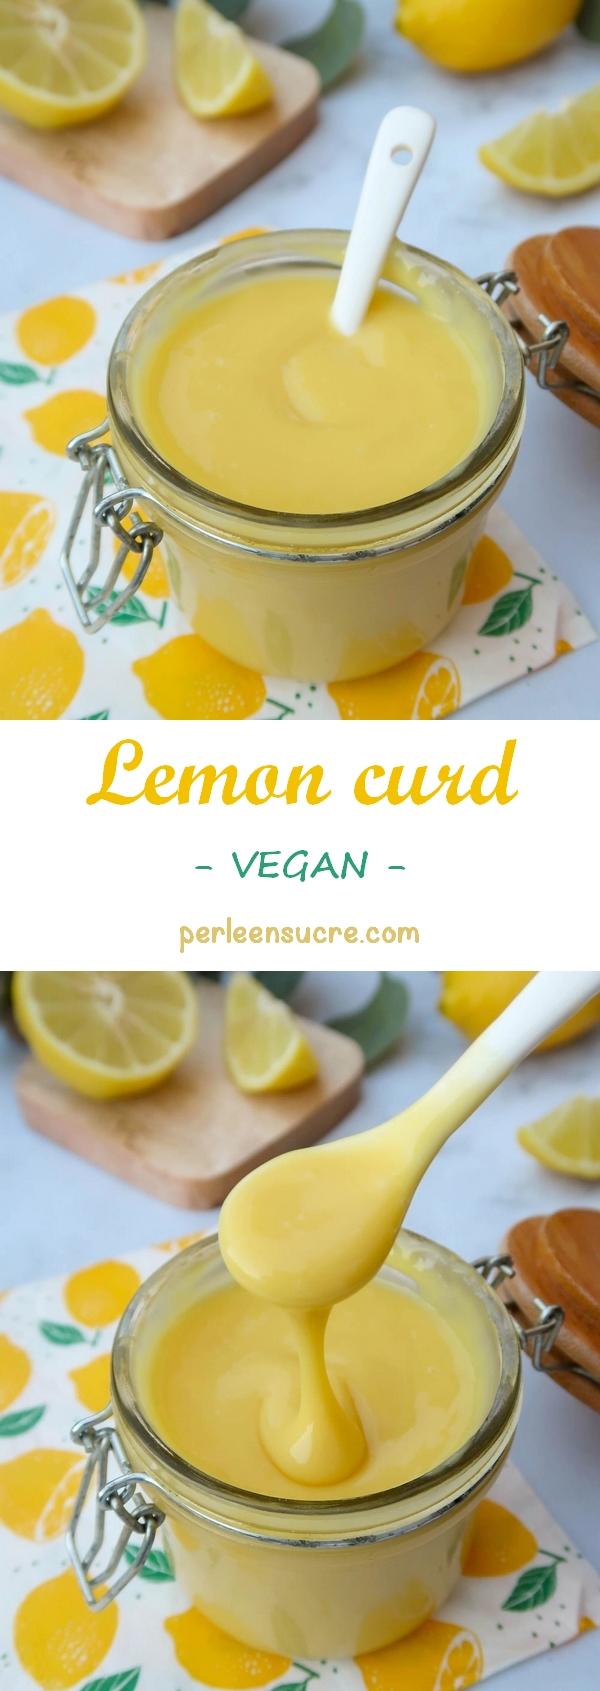 Lemon curd ou crème au citron {vegan}